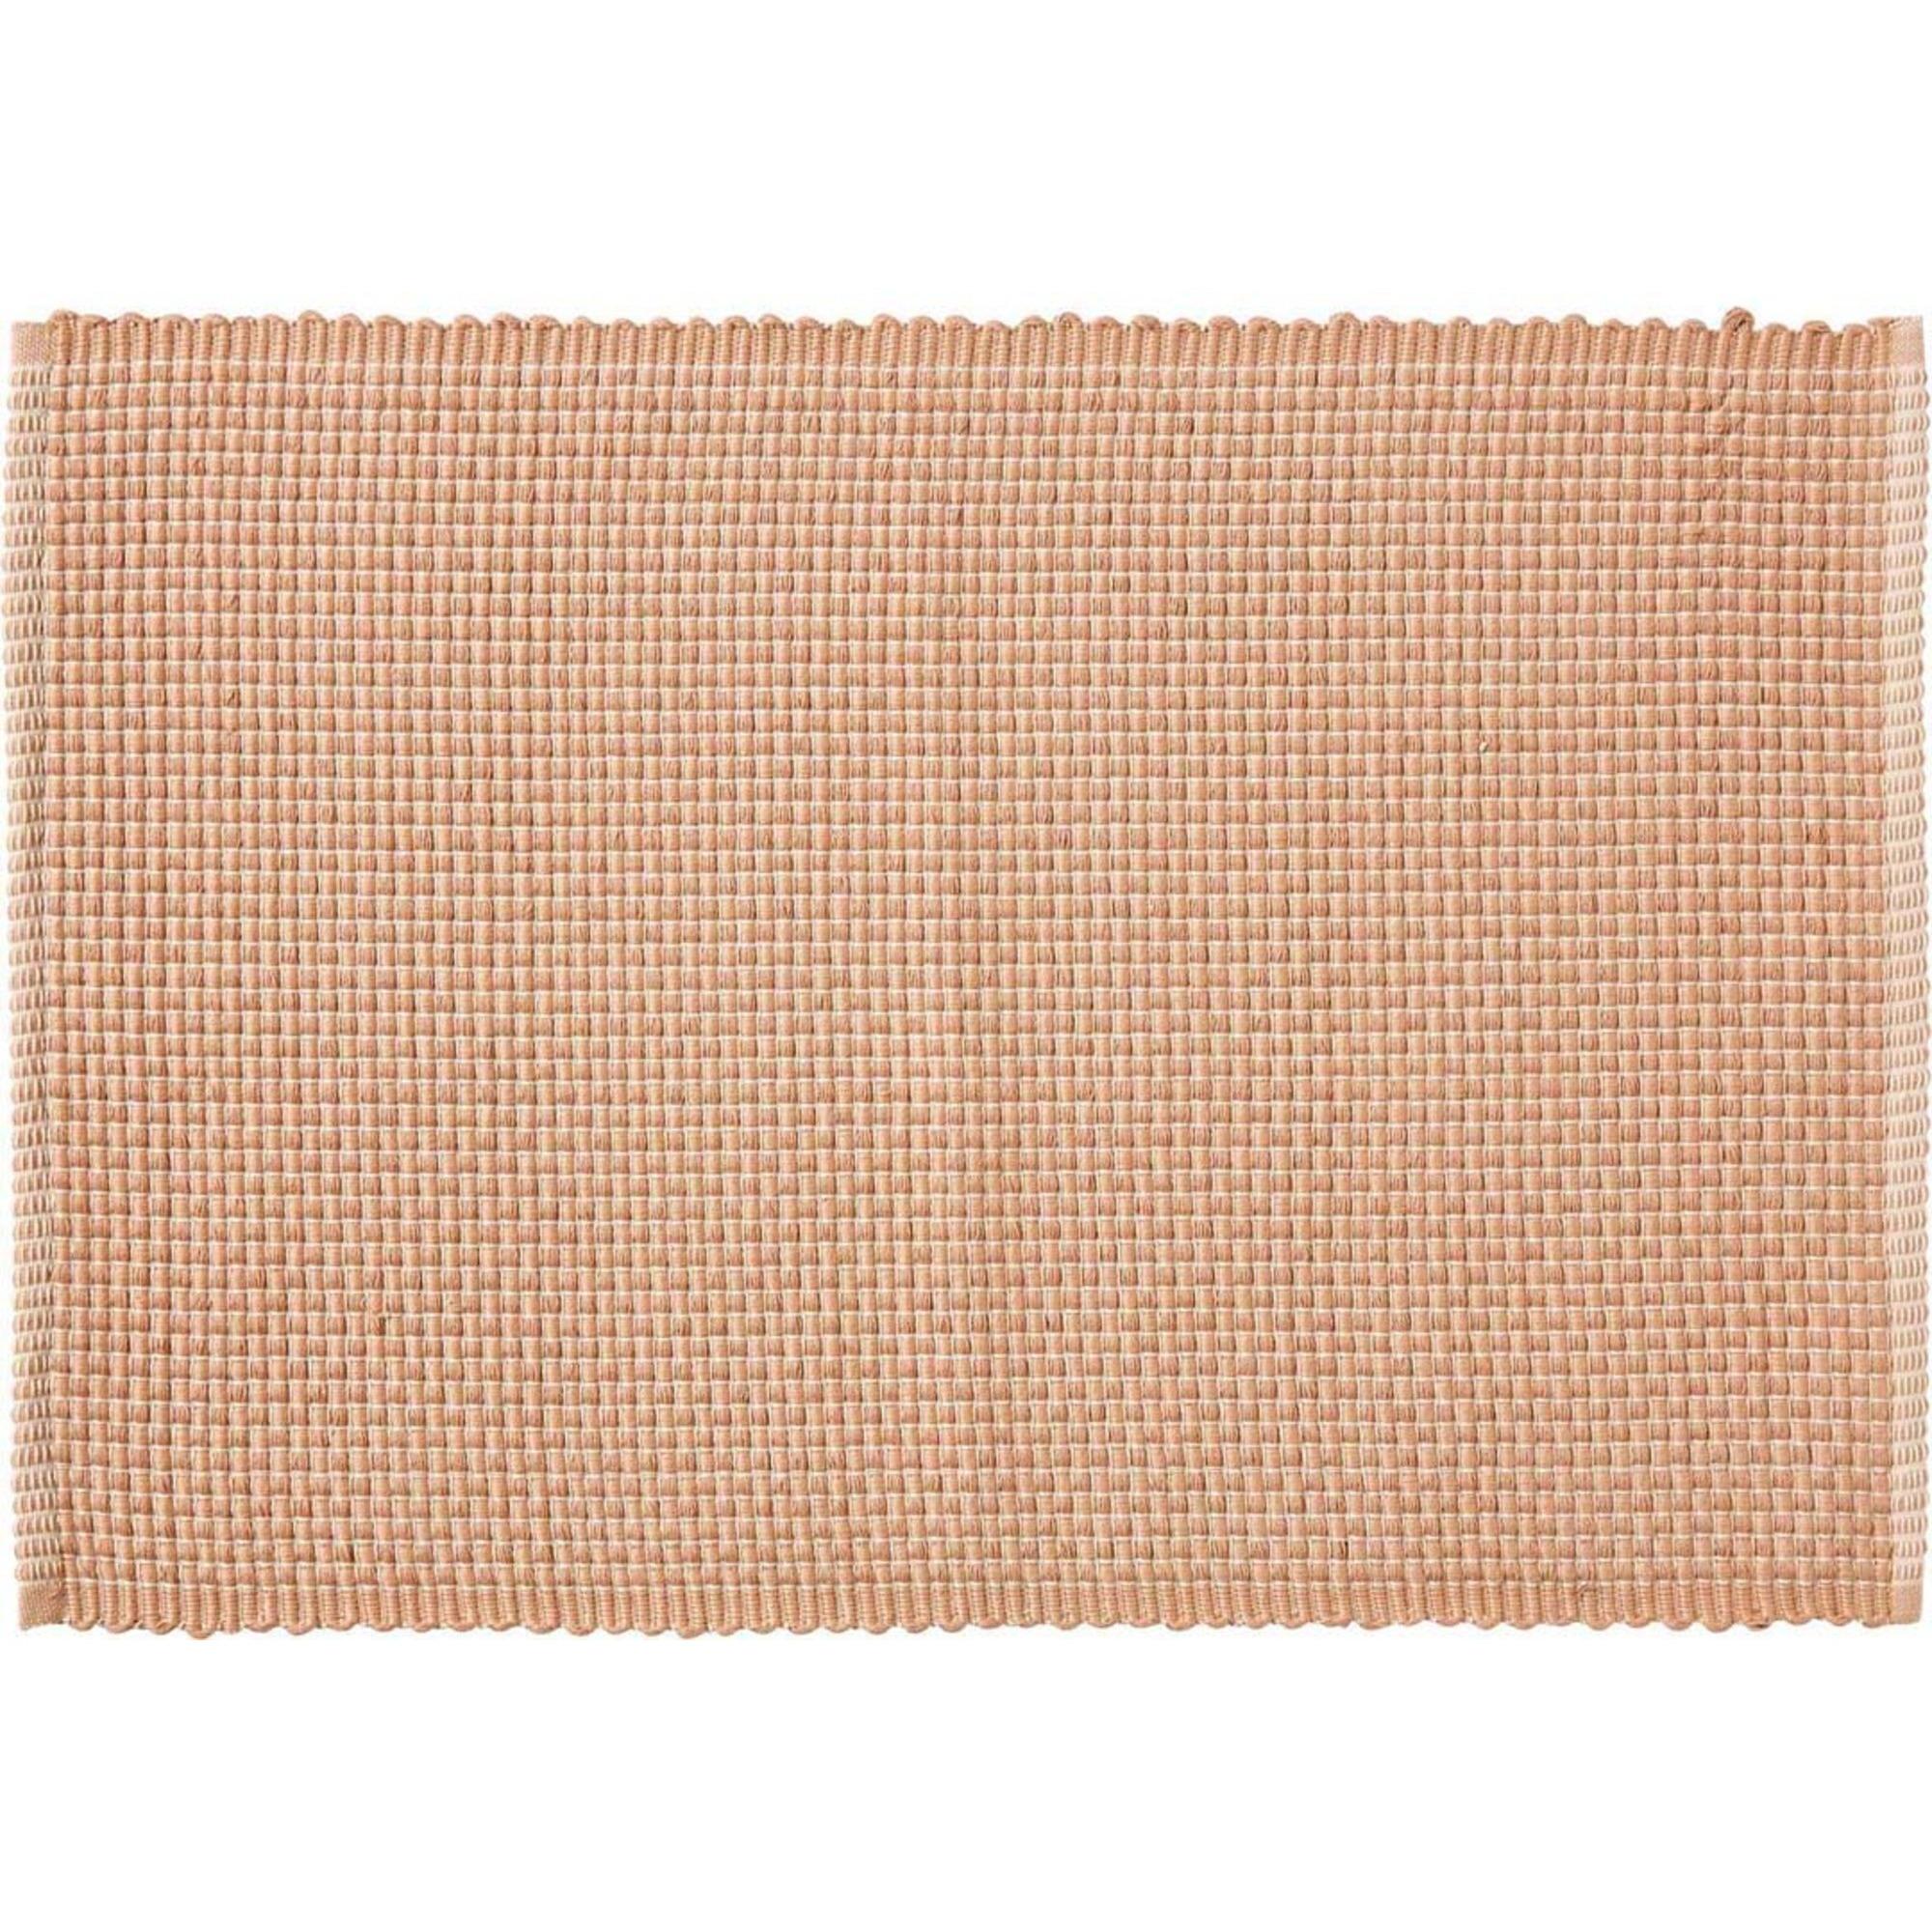 Södahl Bordstablett 33×48 Grain nude